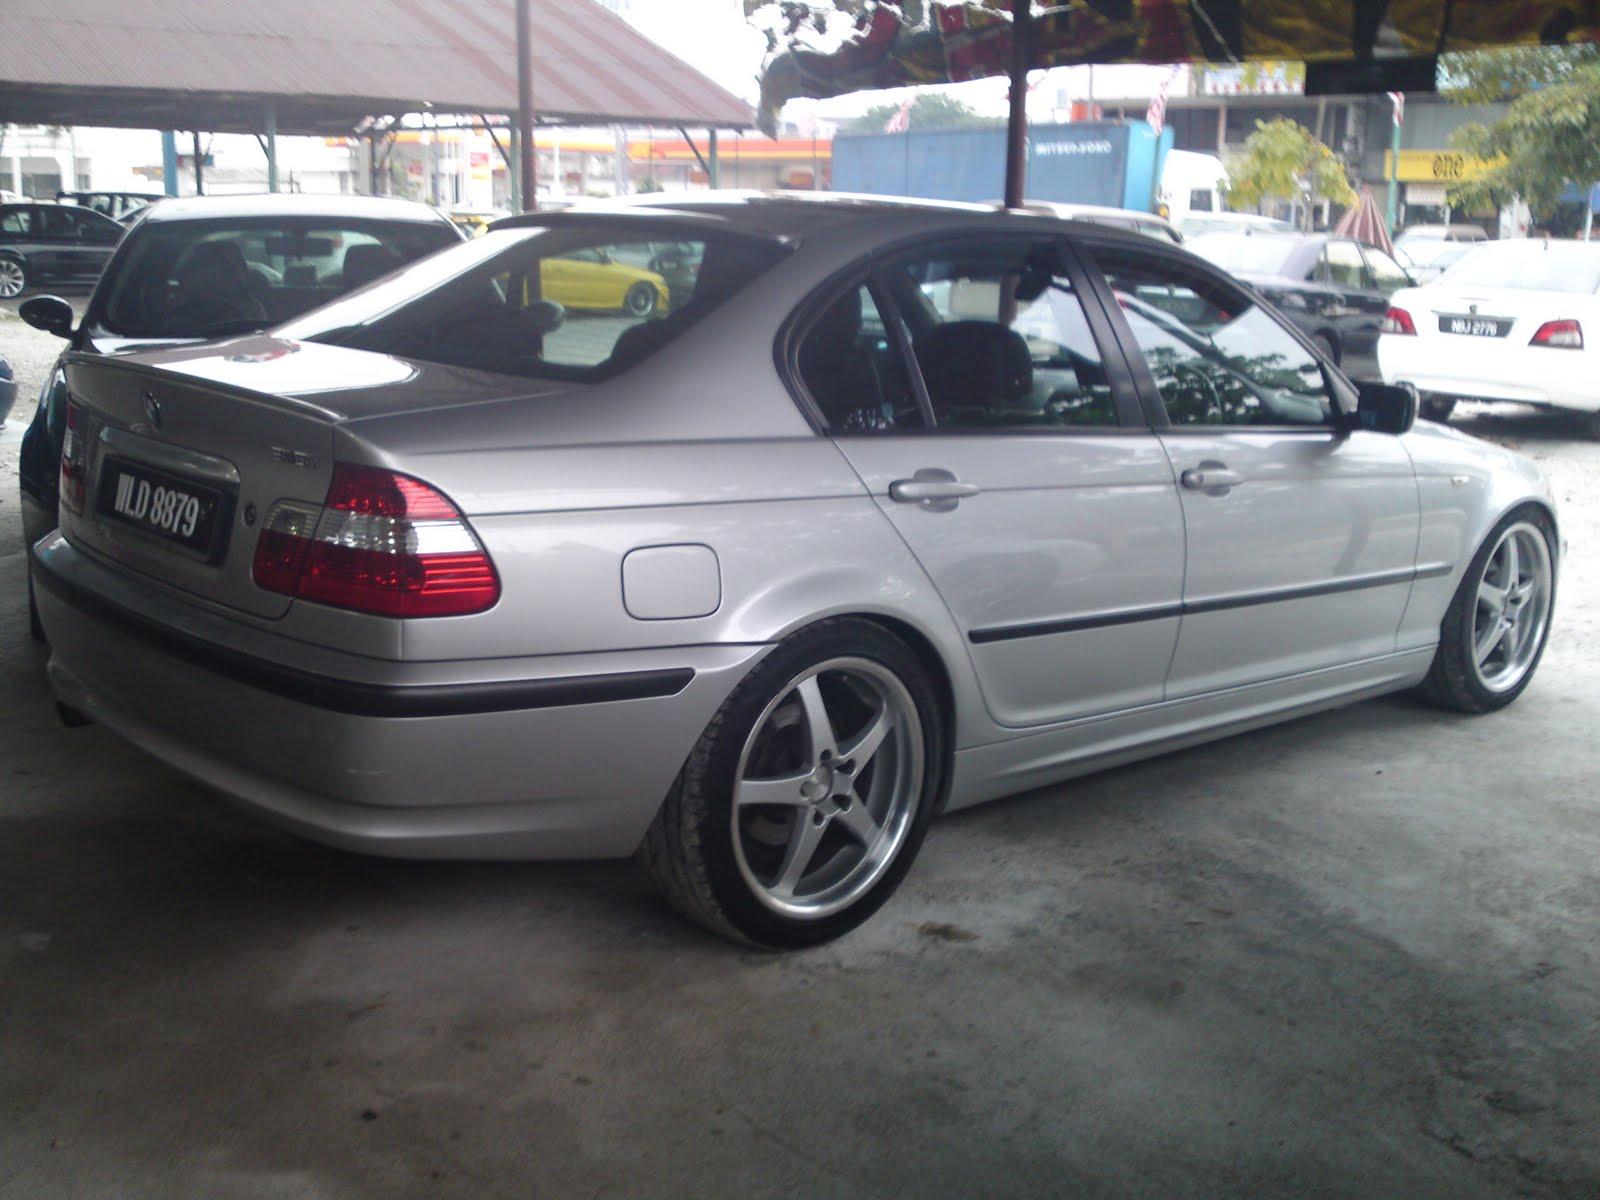 Car For Sale BMW I A - Bmw 2003 price